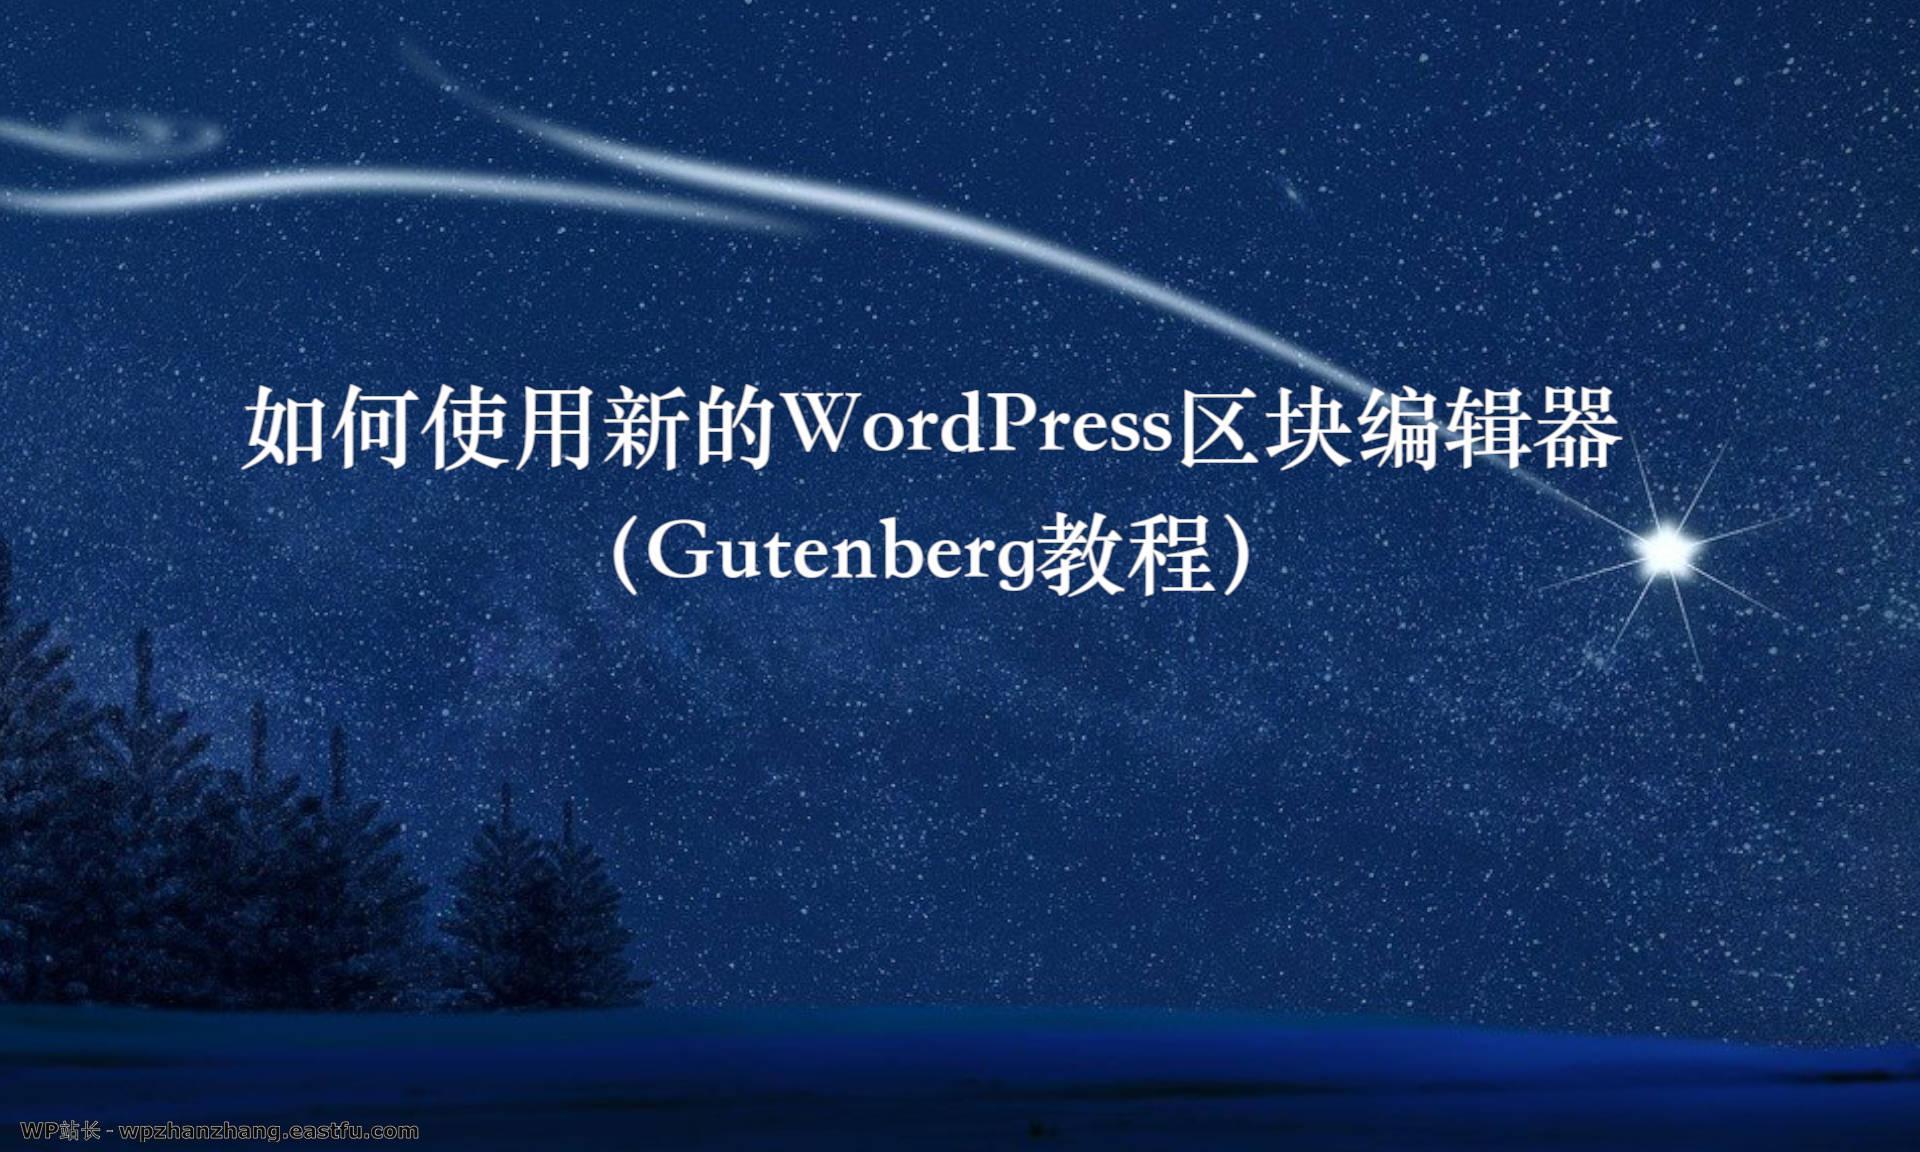 如何使用新的WordPress区块编辑器(Gutenberg教程)